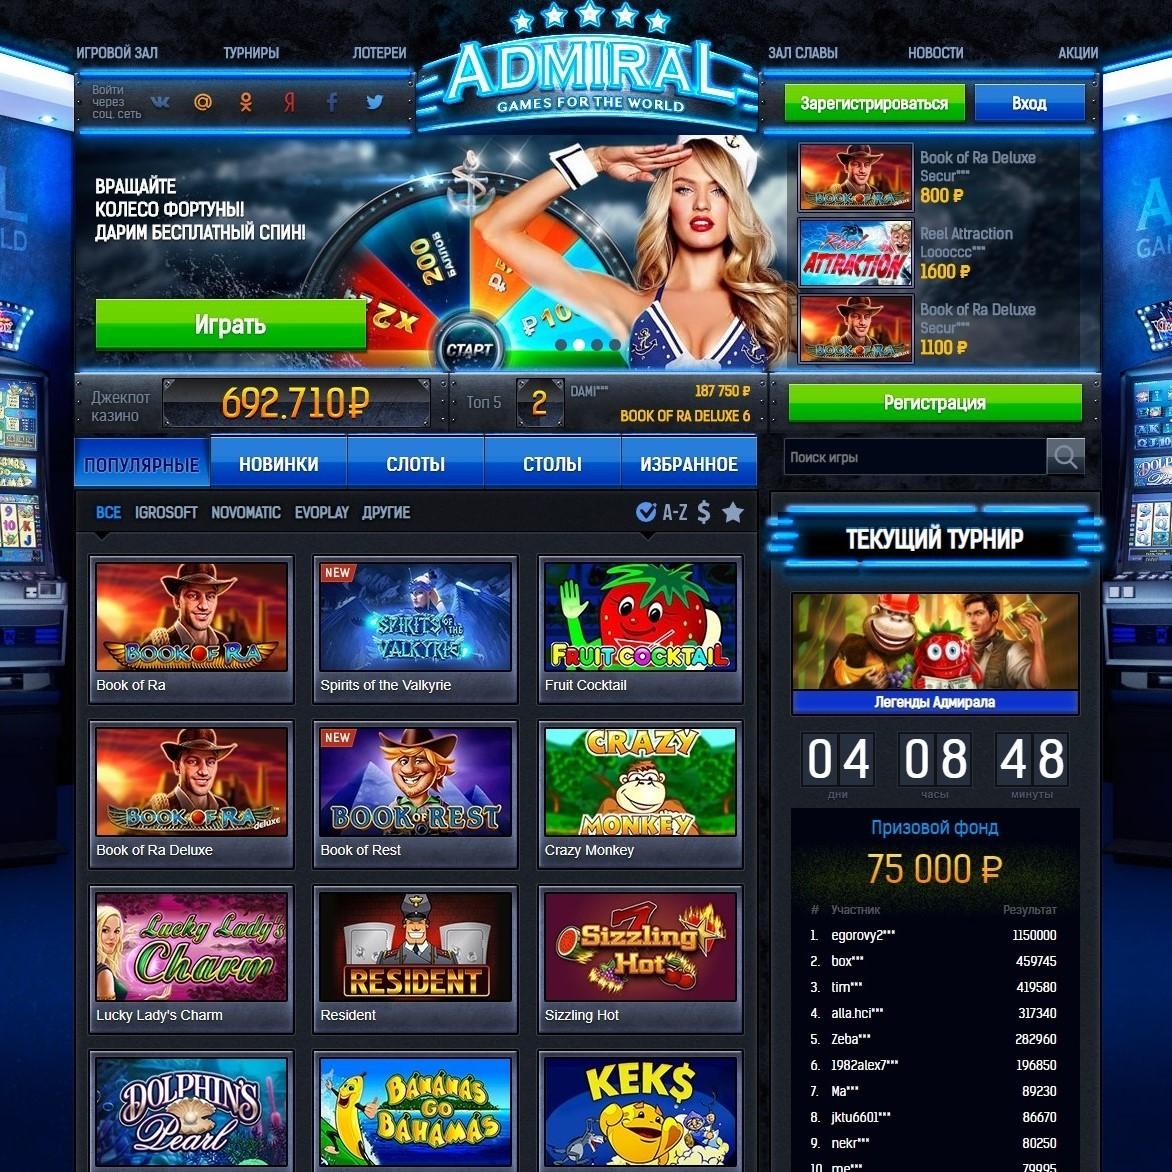 Игровые автоматы бесплатные новые игровые автоматы онлайн играть бесплатно и без регистрации кекс